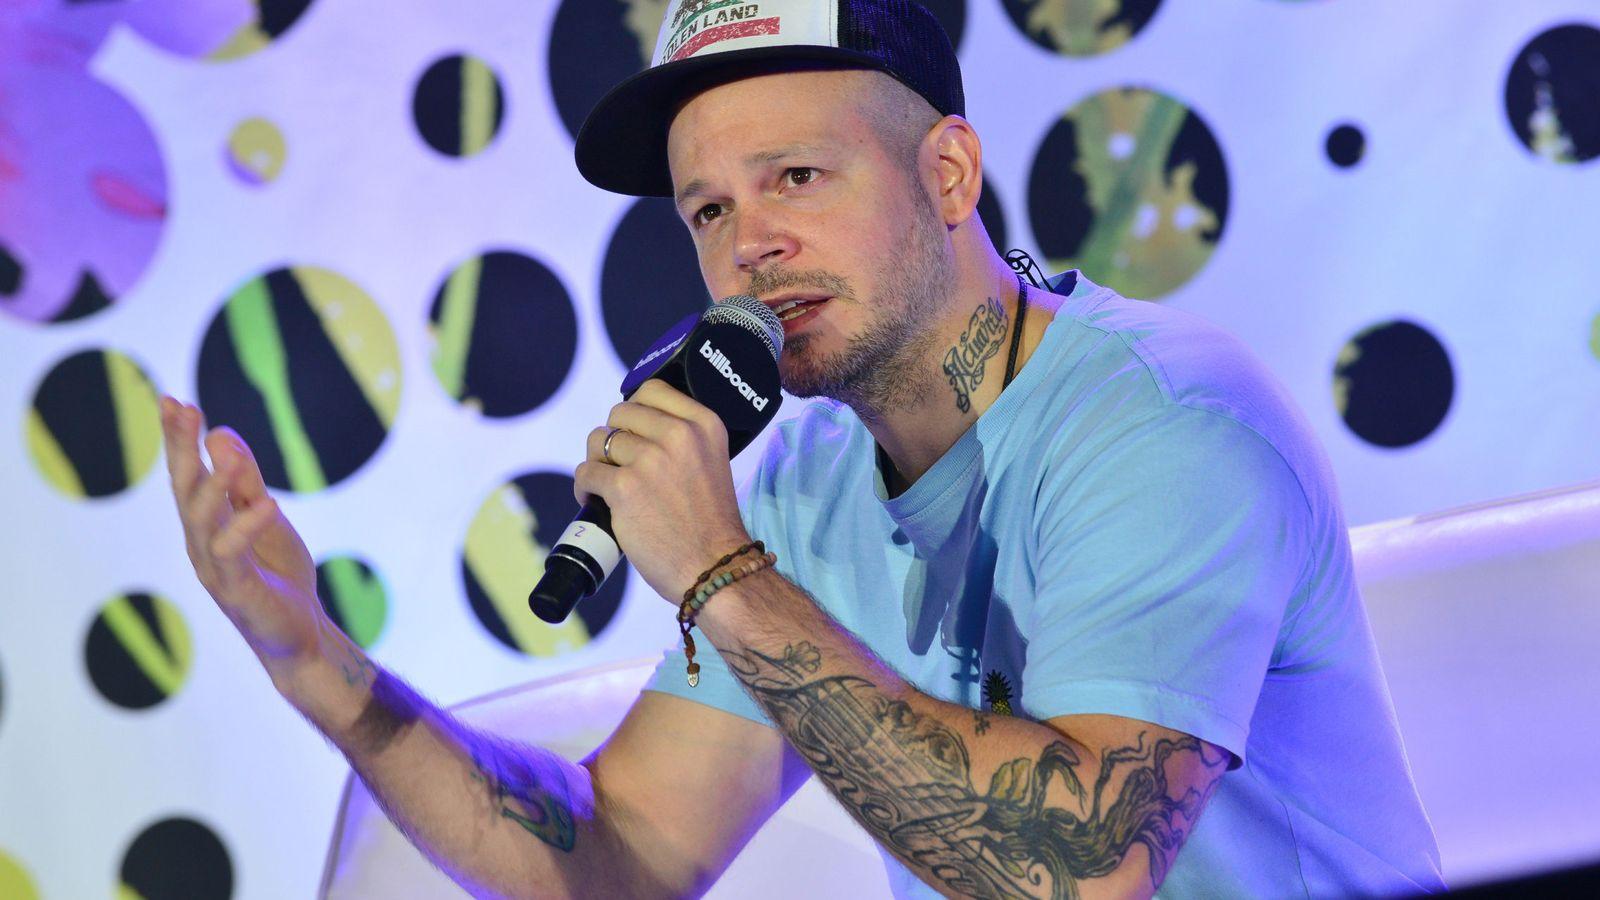 Foto: - El cantante puertorriqueño René Pérez, conocido como 'Residente' (Efe)